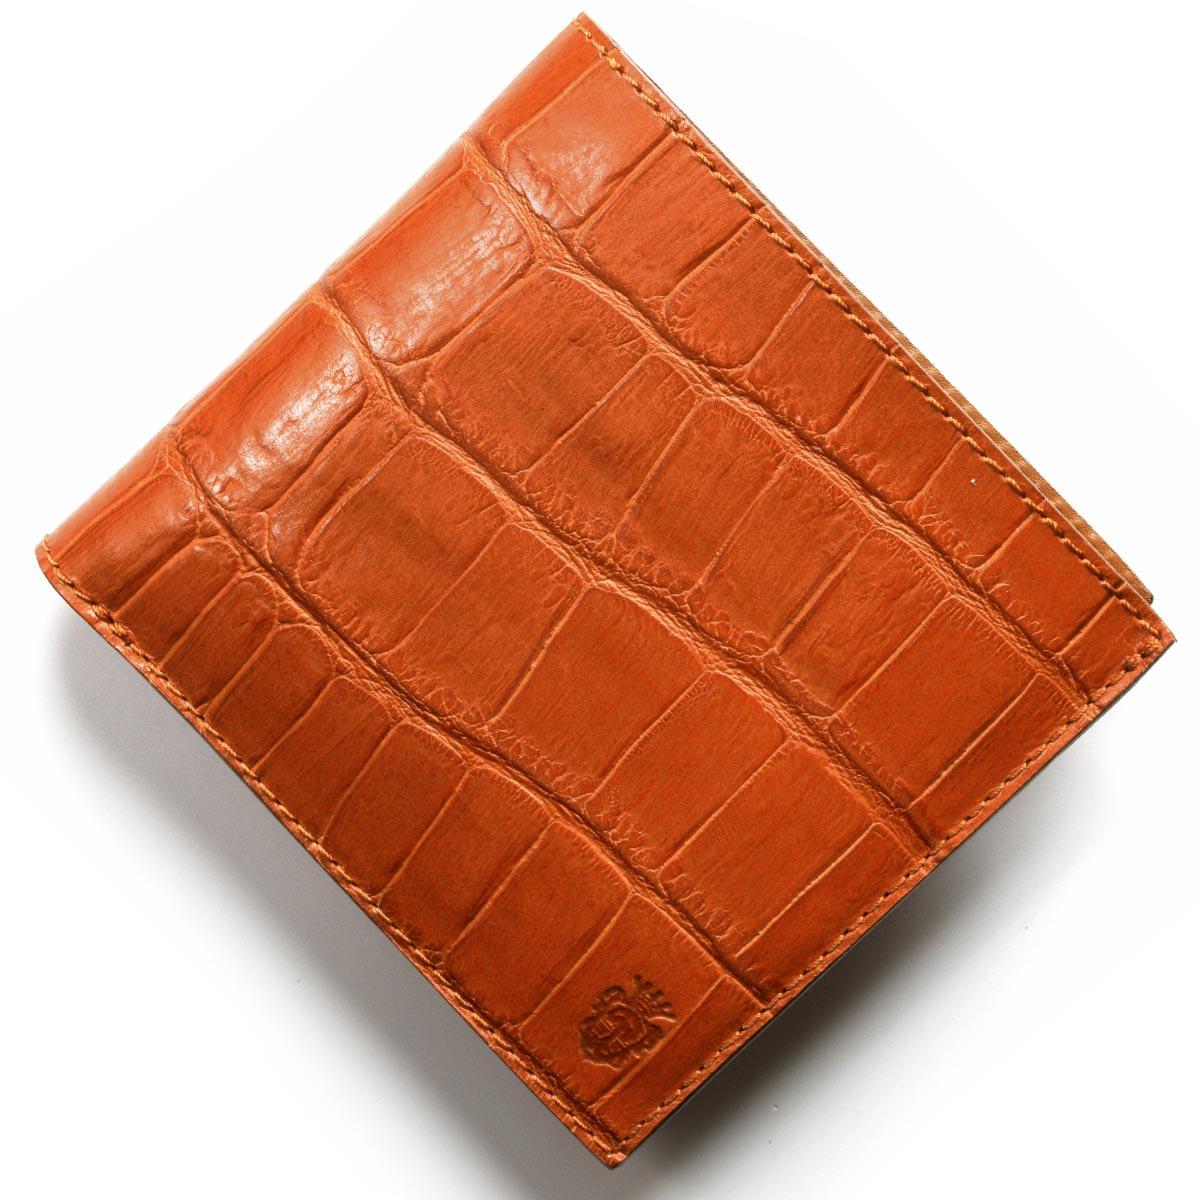 フェリージ 二つ折り財布 財布 メンズ クロコ型押し カードケースセット アランチョオレンジ 452 SA 0009 2018年春夏新作 FELISI